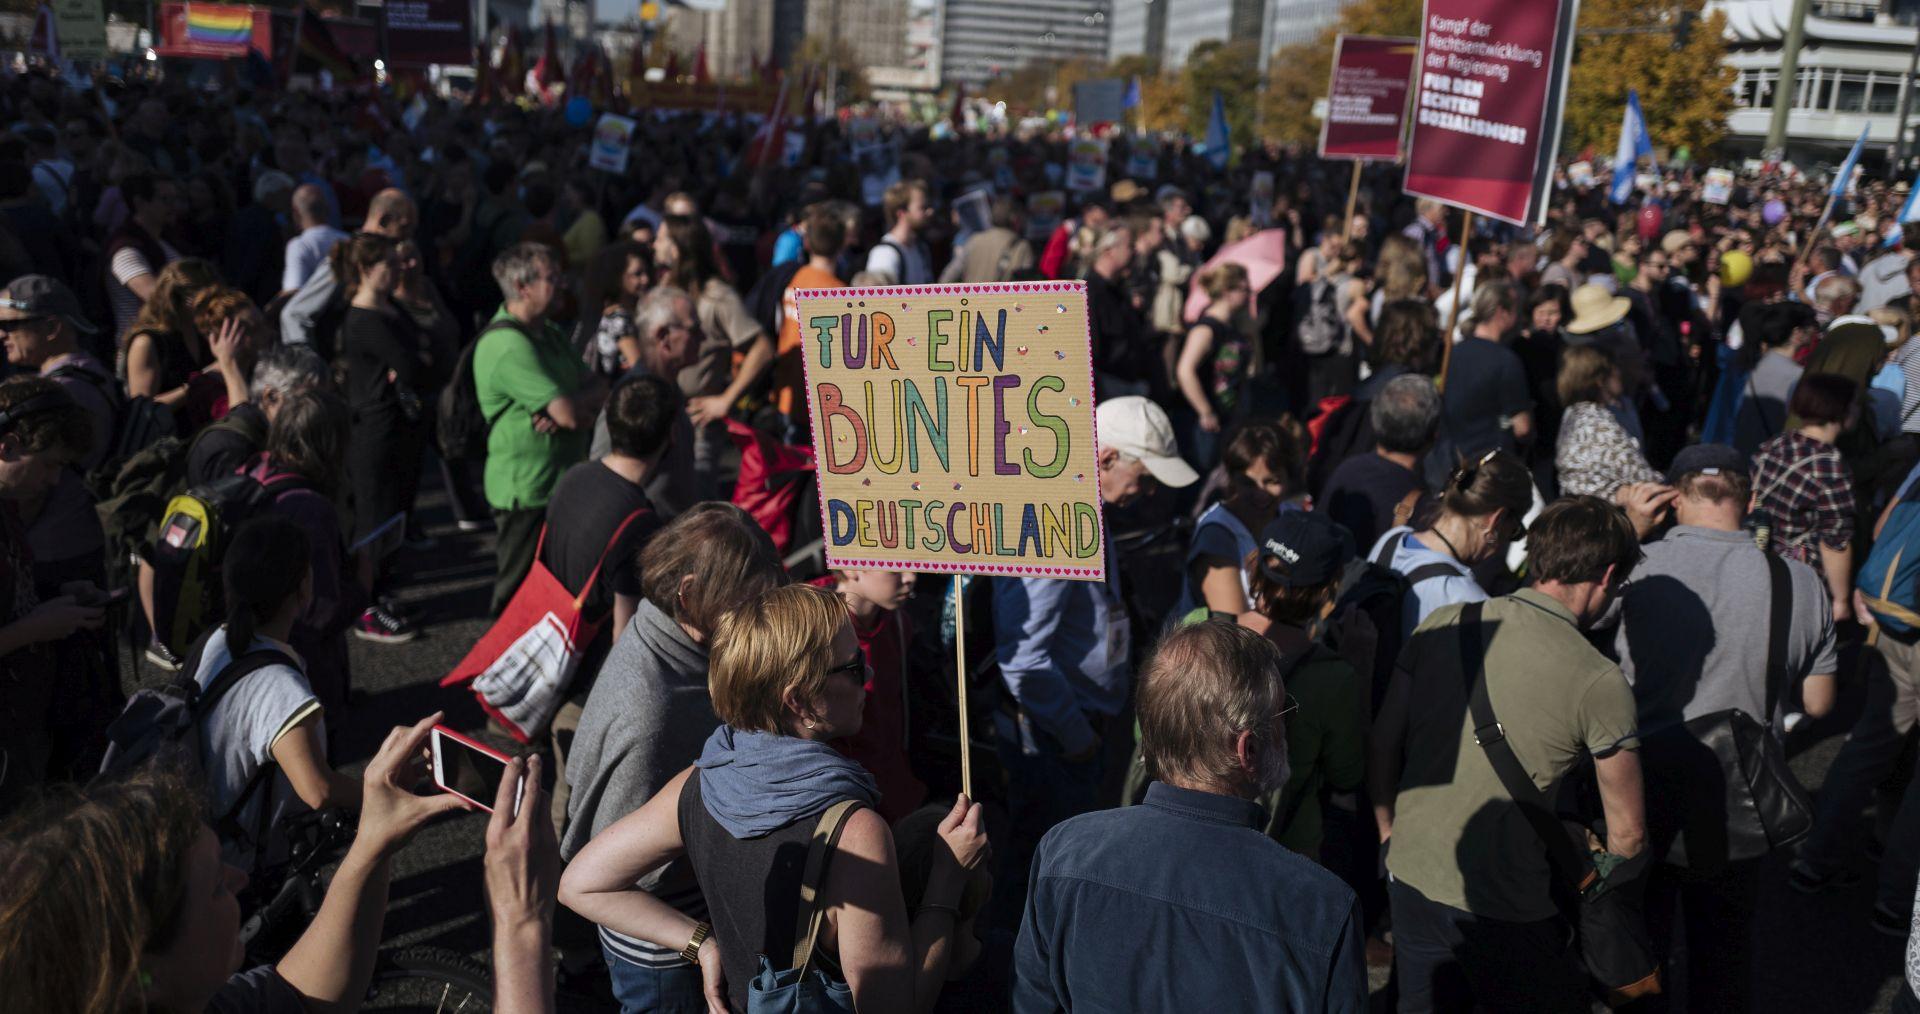 Masovni prosvjed protiv ekstremne desnice u Njemačkoj